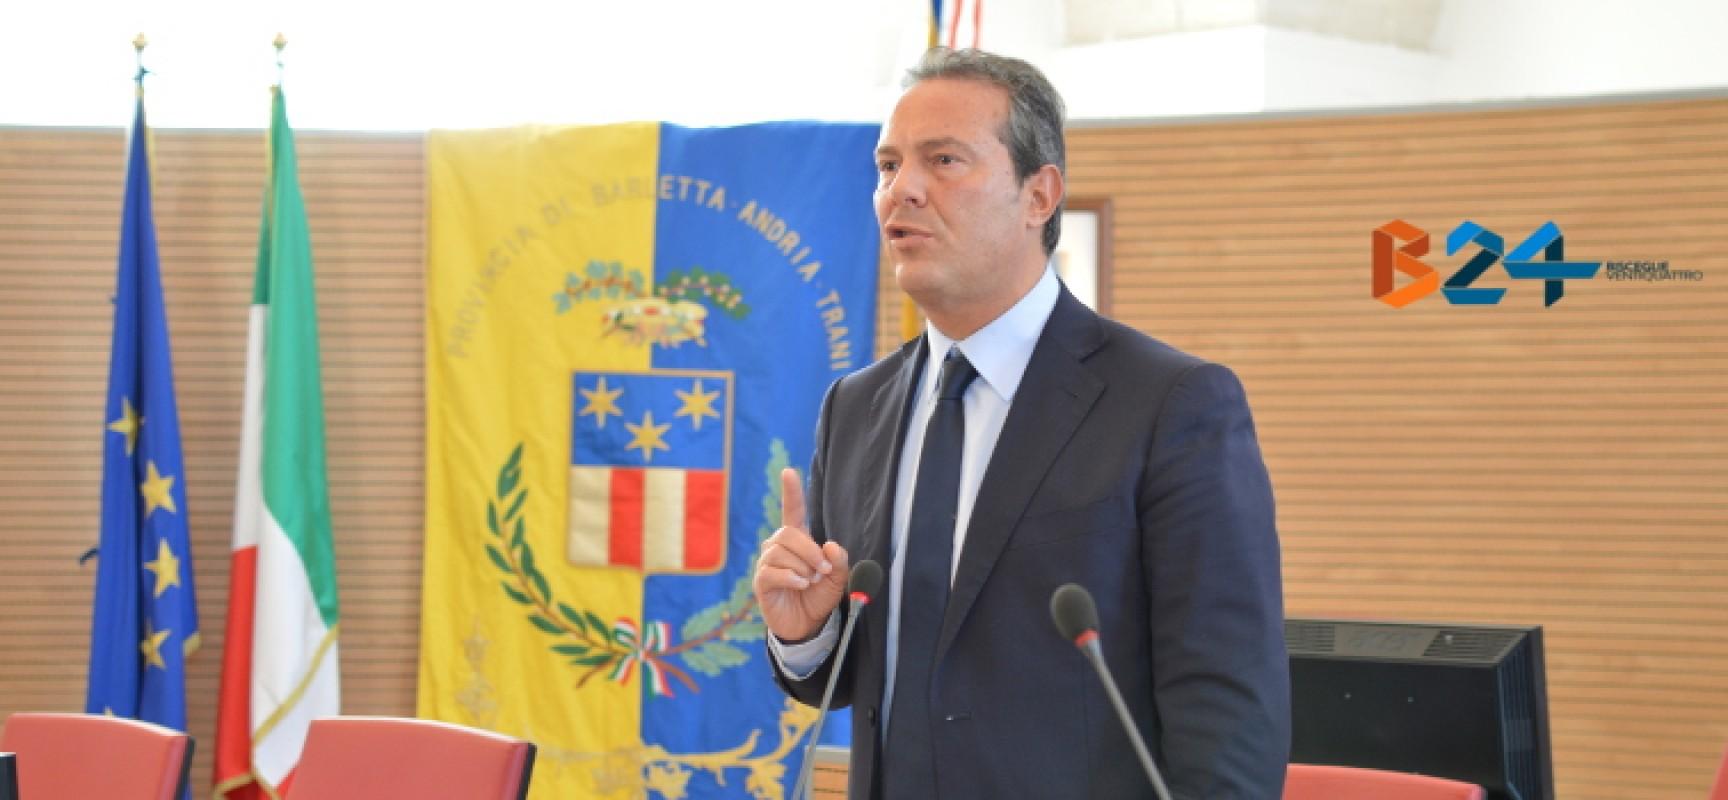 Provinciali: accordo trovato, Giorgino presidente con Spina e Bottaro vice